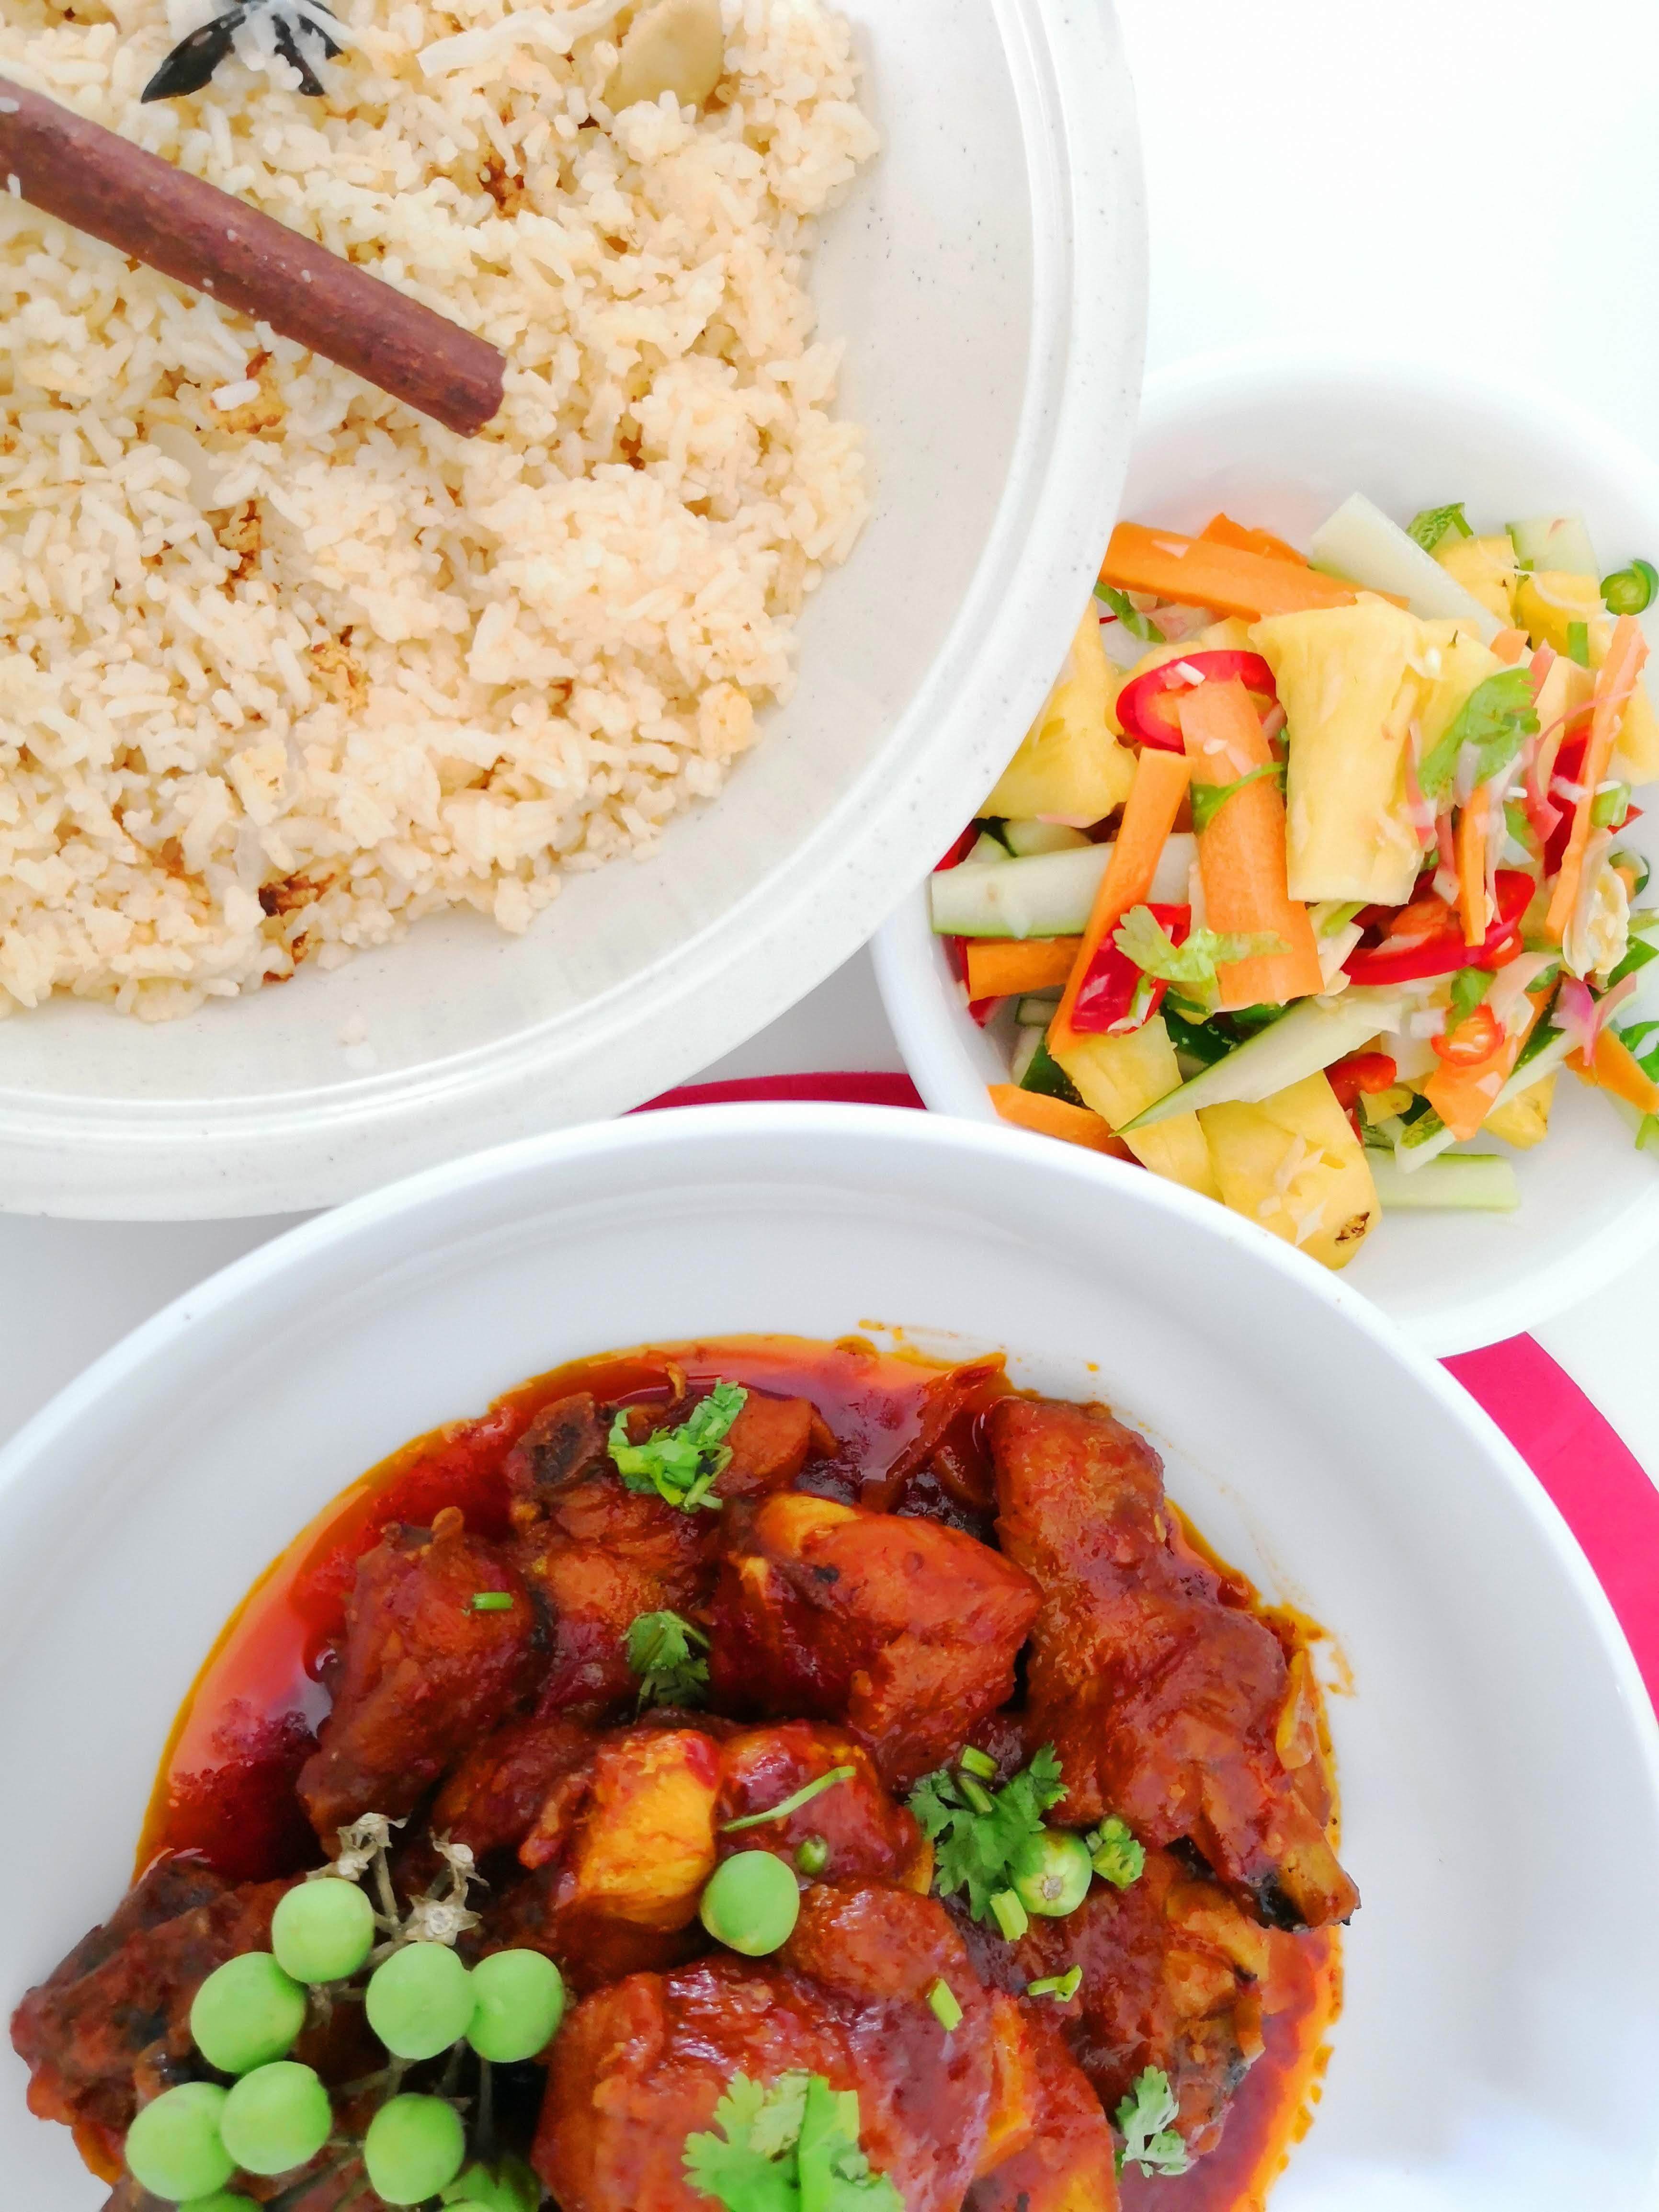 Resepi Nasi Tomato Simple & Ayam Masak Merah Sedap